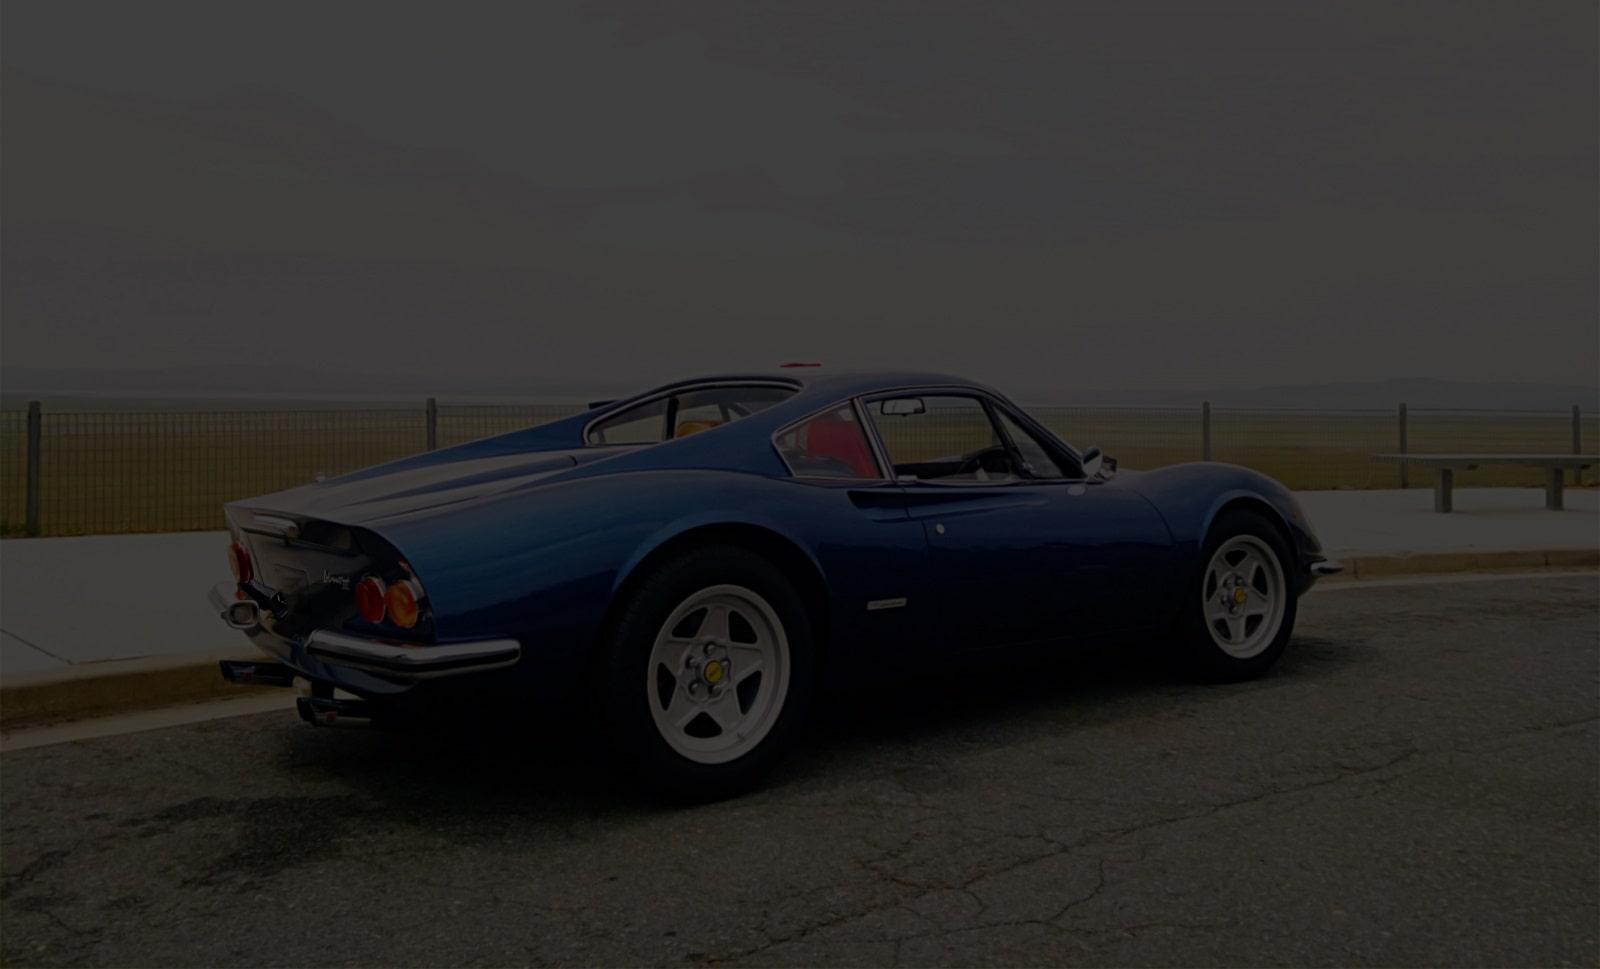 Ferrari Service, Repairs and Restoration Sydney Australia - Cavallino Motorsport